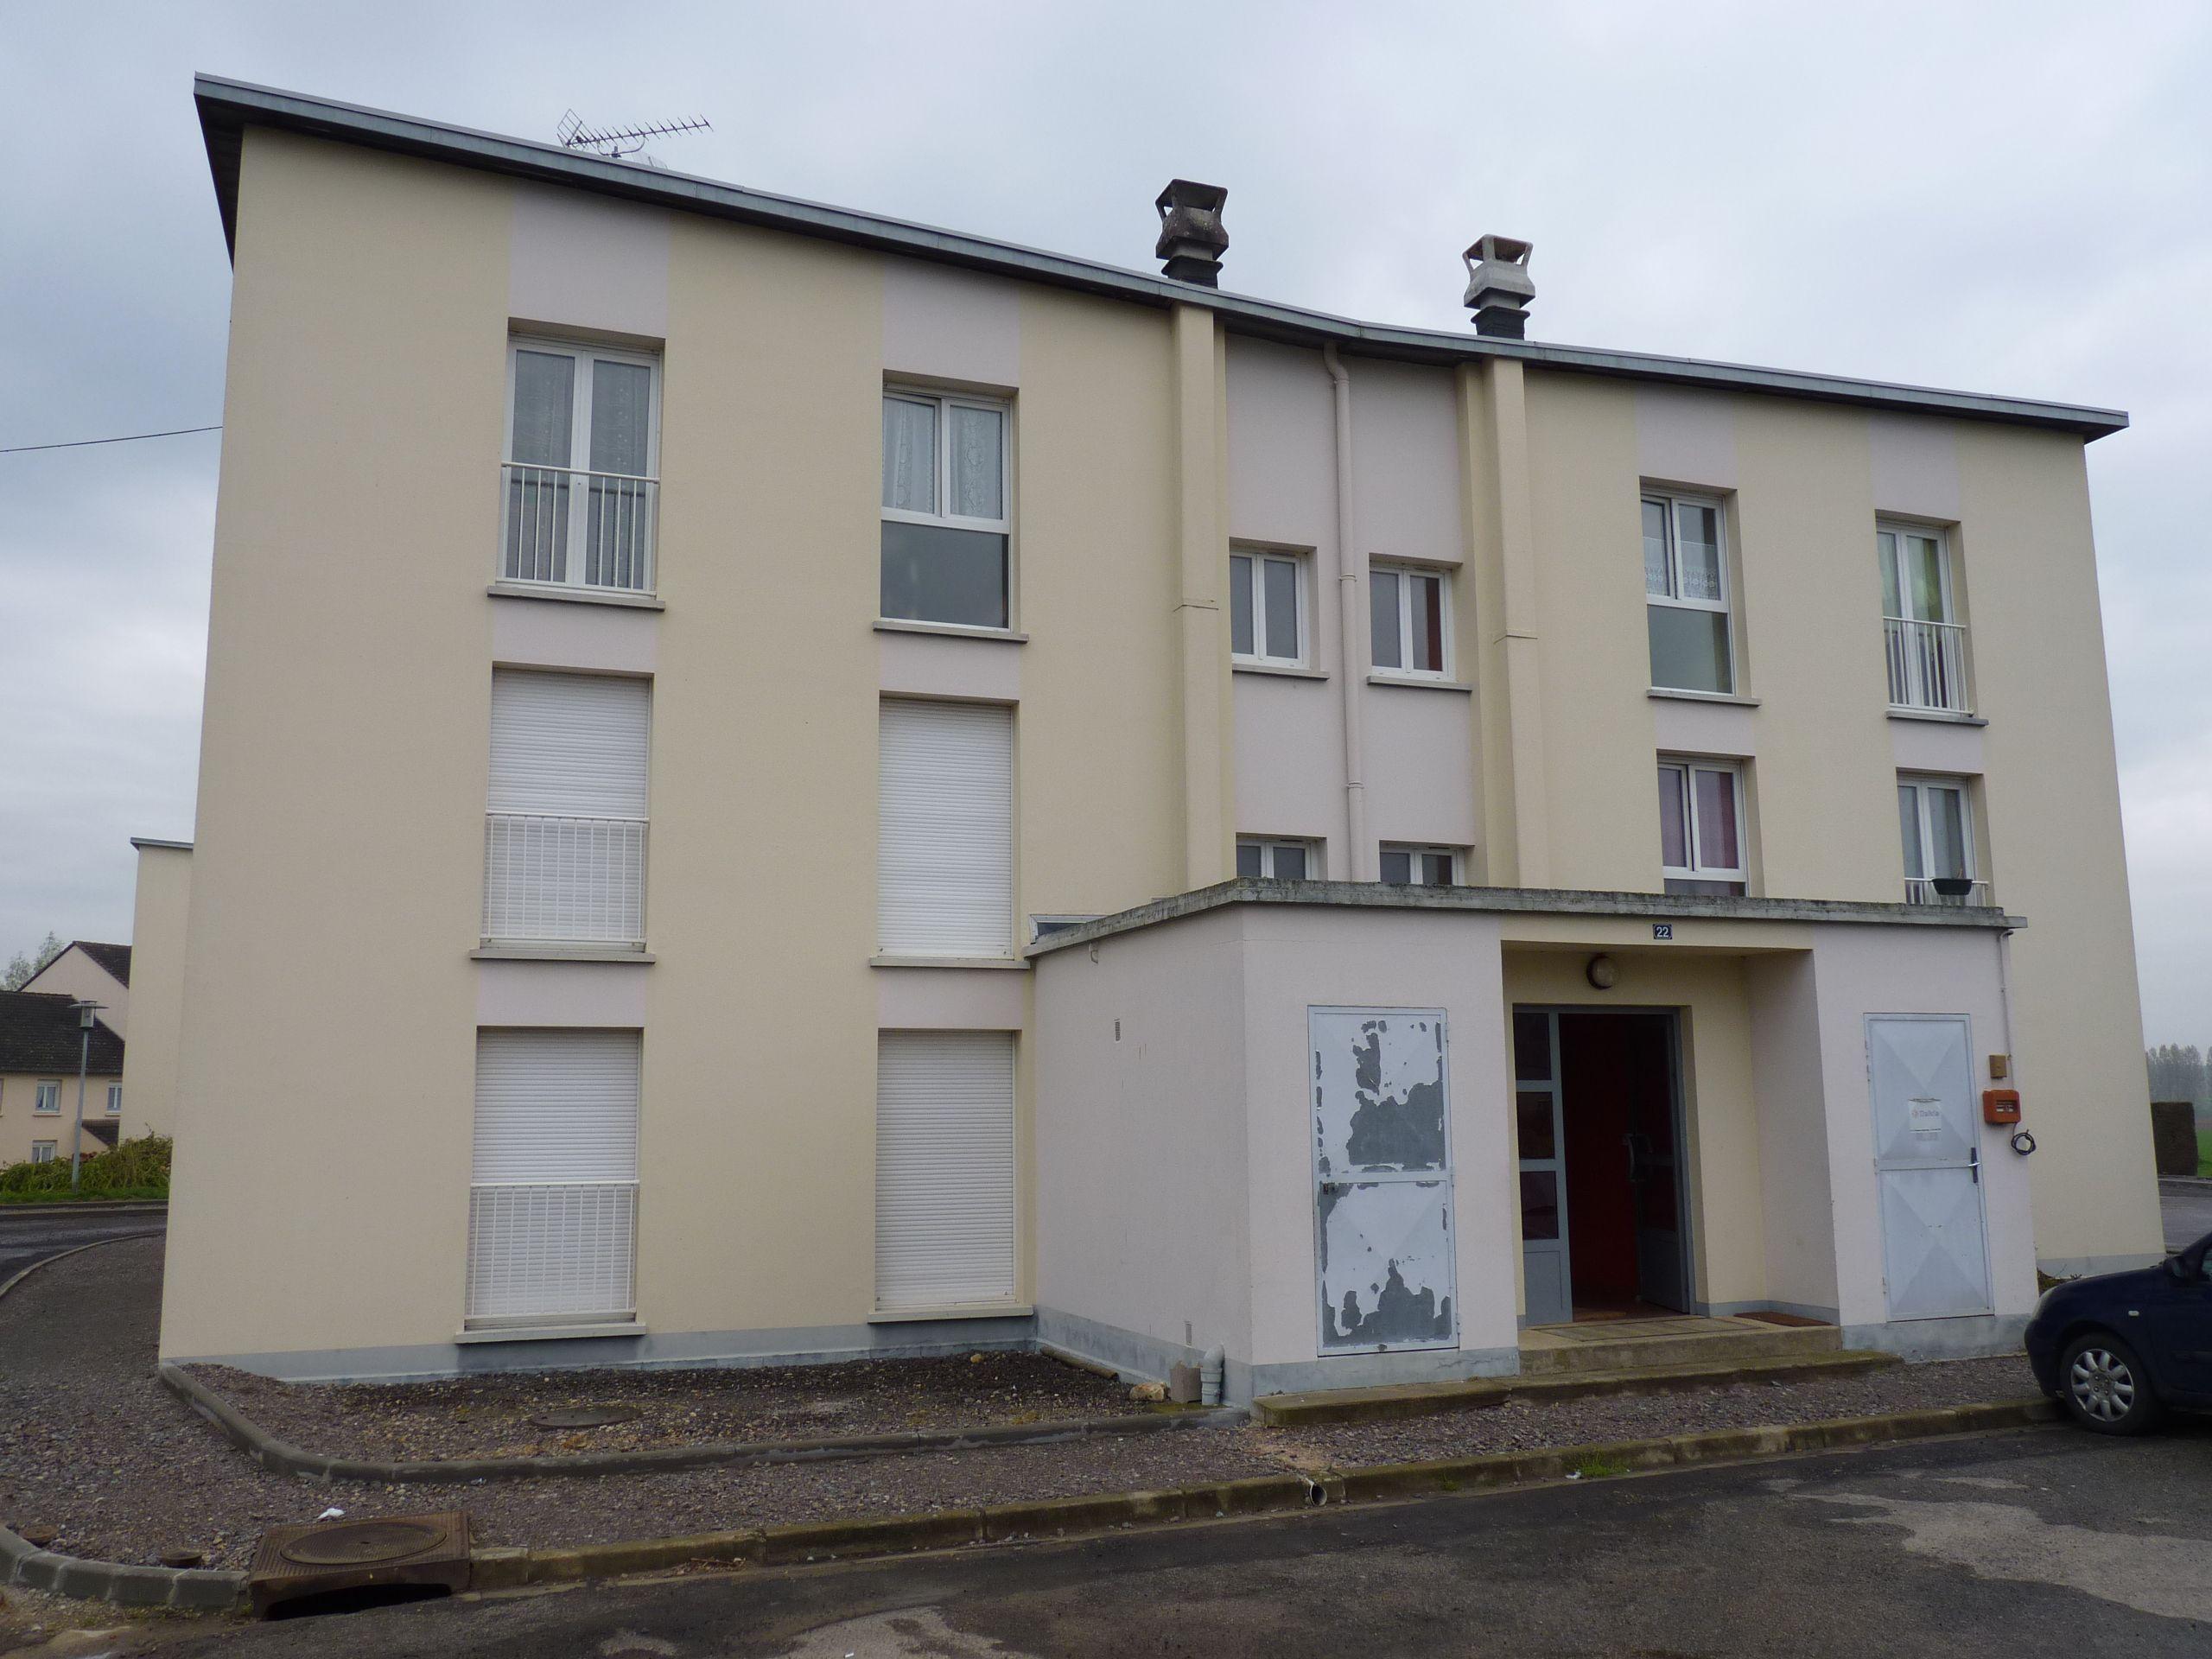 Logement couch locataion appartement t1 for Entretien exterieur locataire